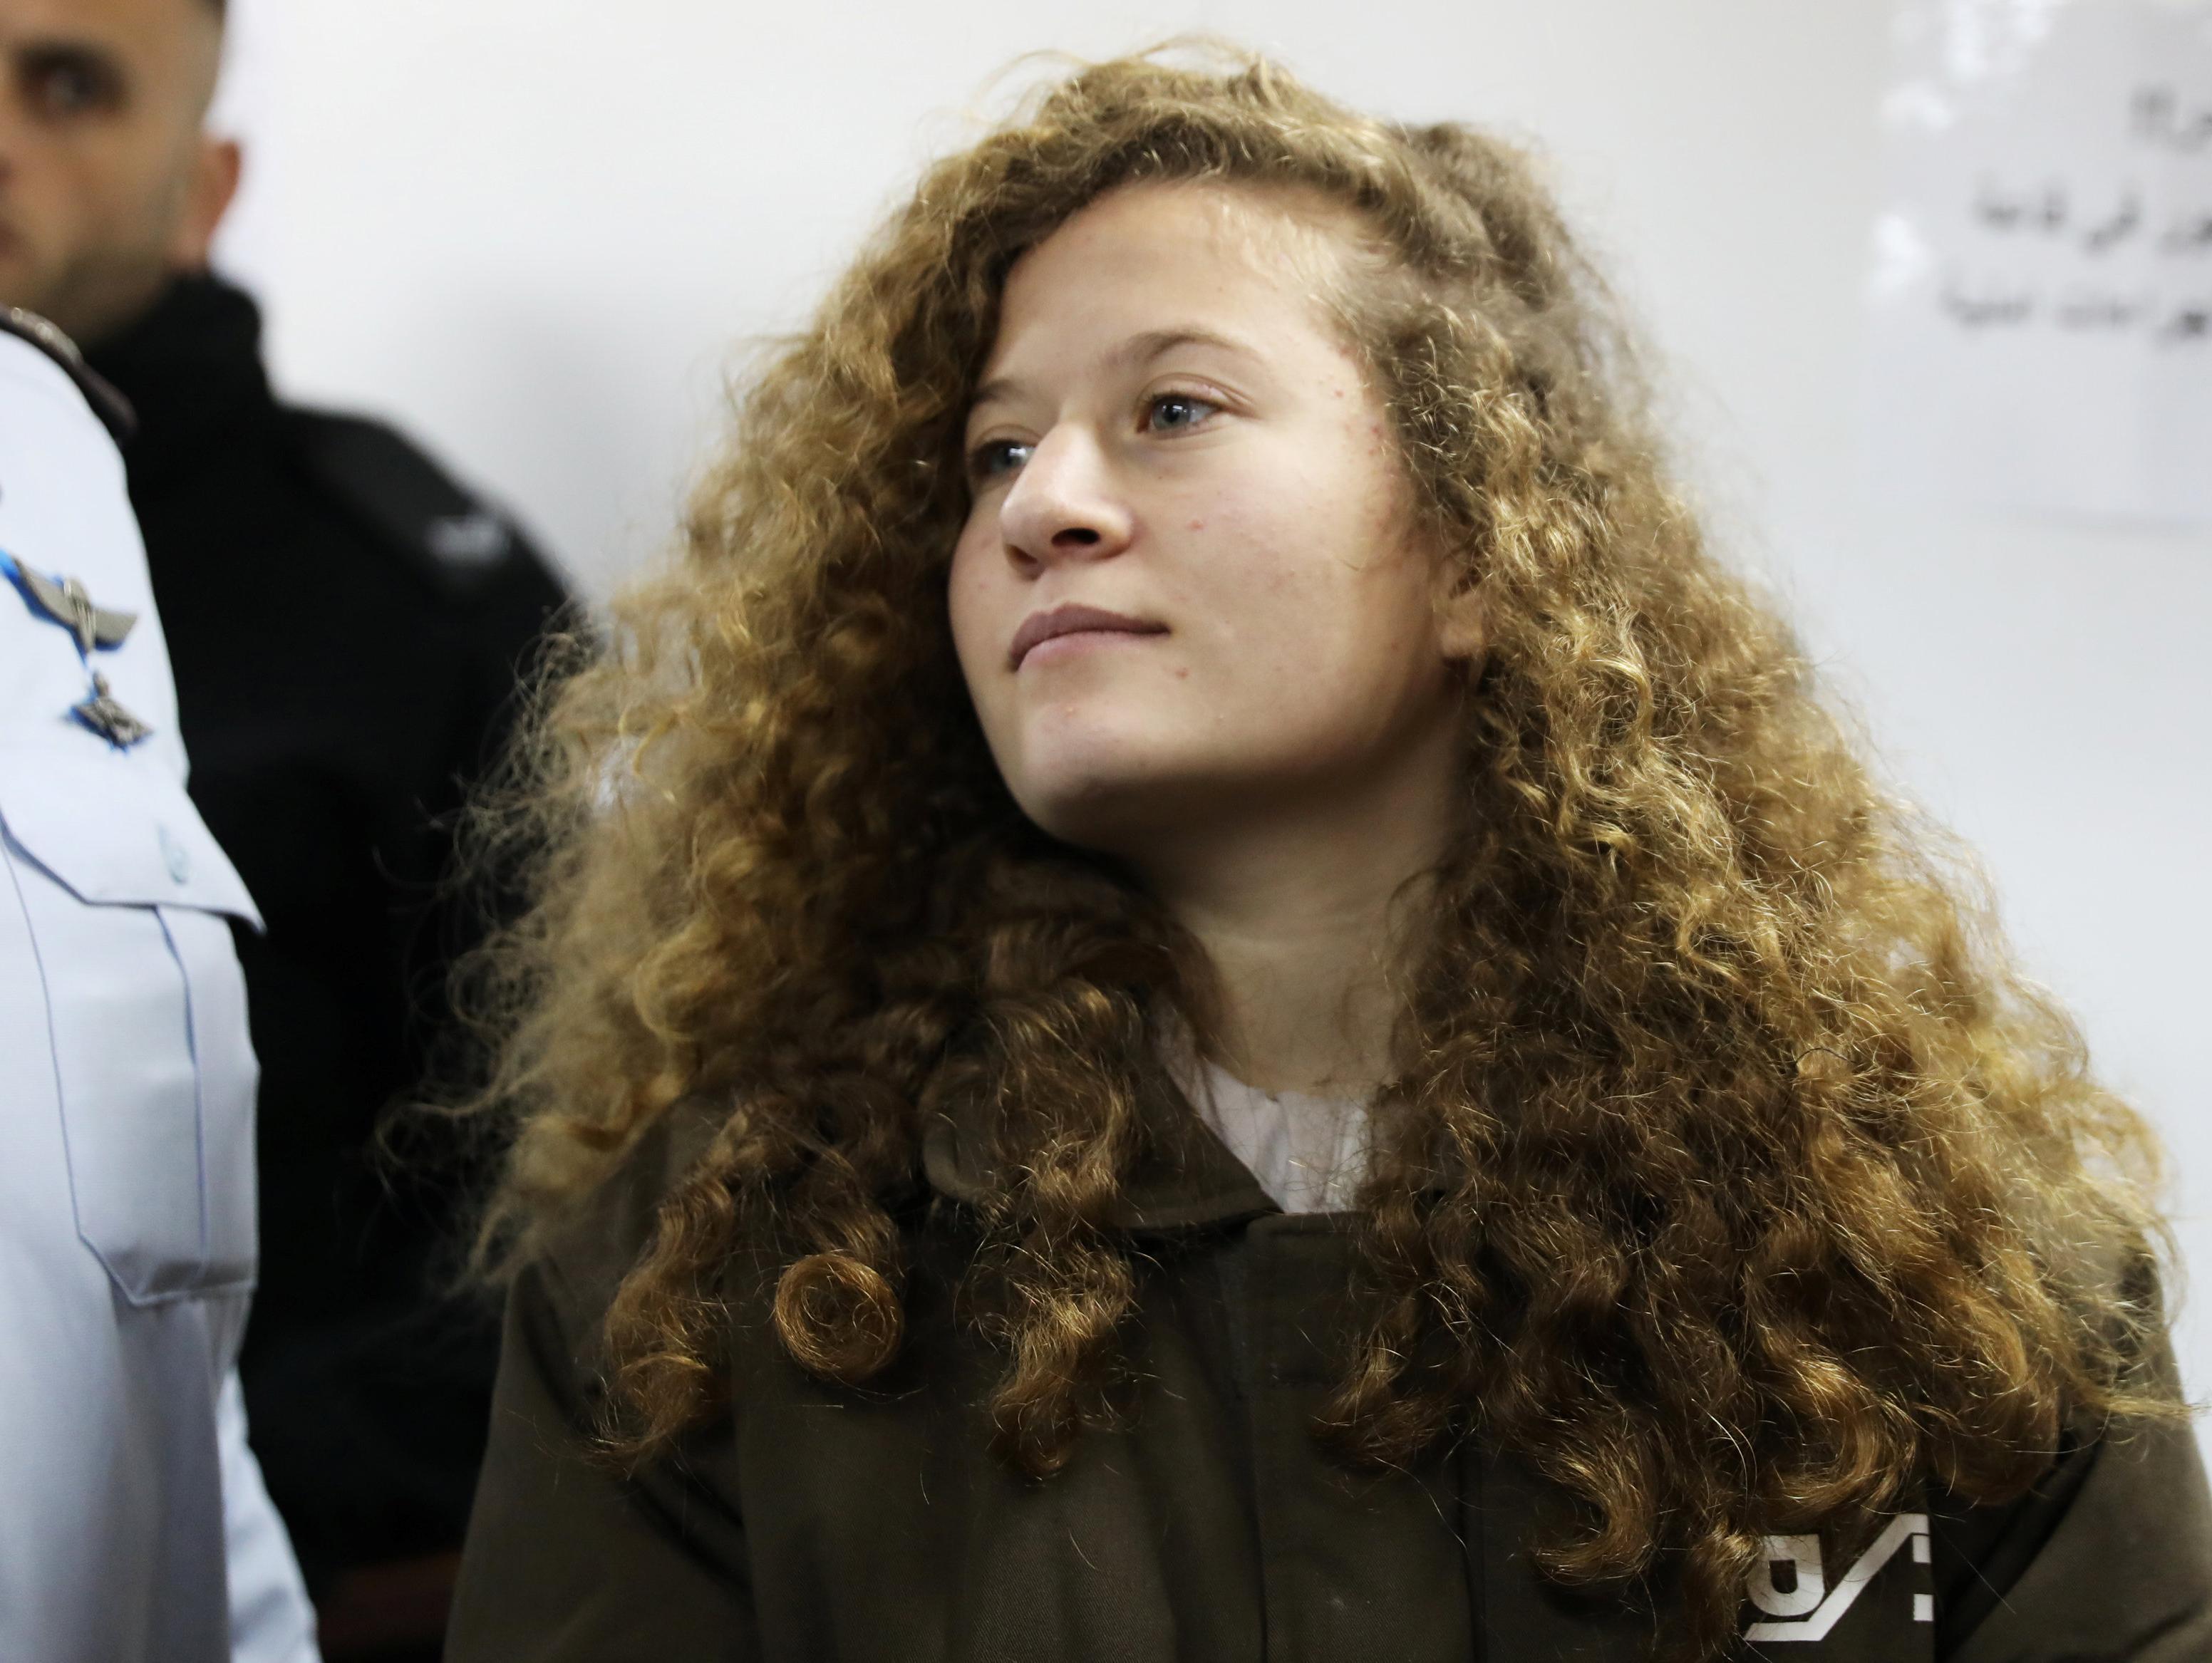 שמונה חודשי מאסר לנערה עהד תמימי שתועדה מכה קצין צה